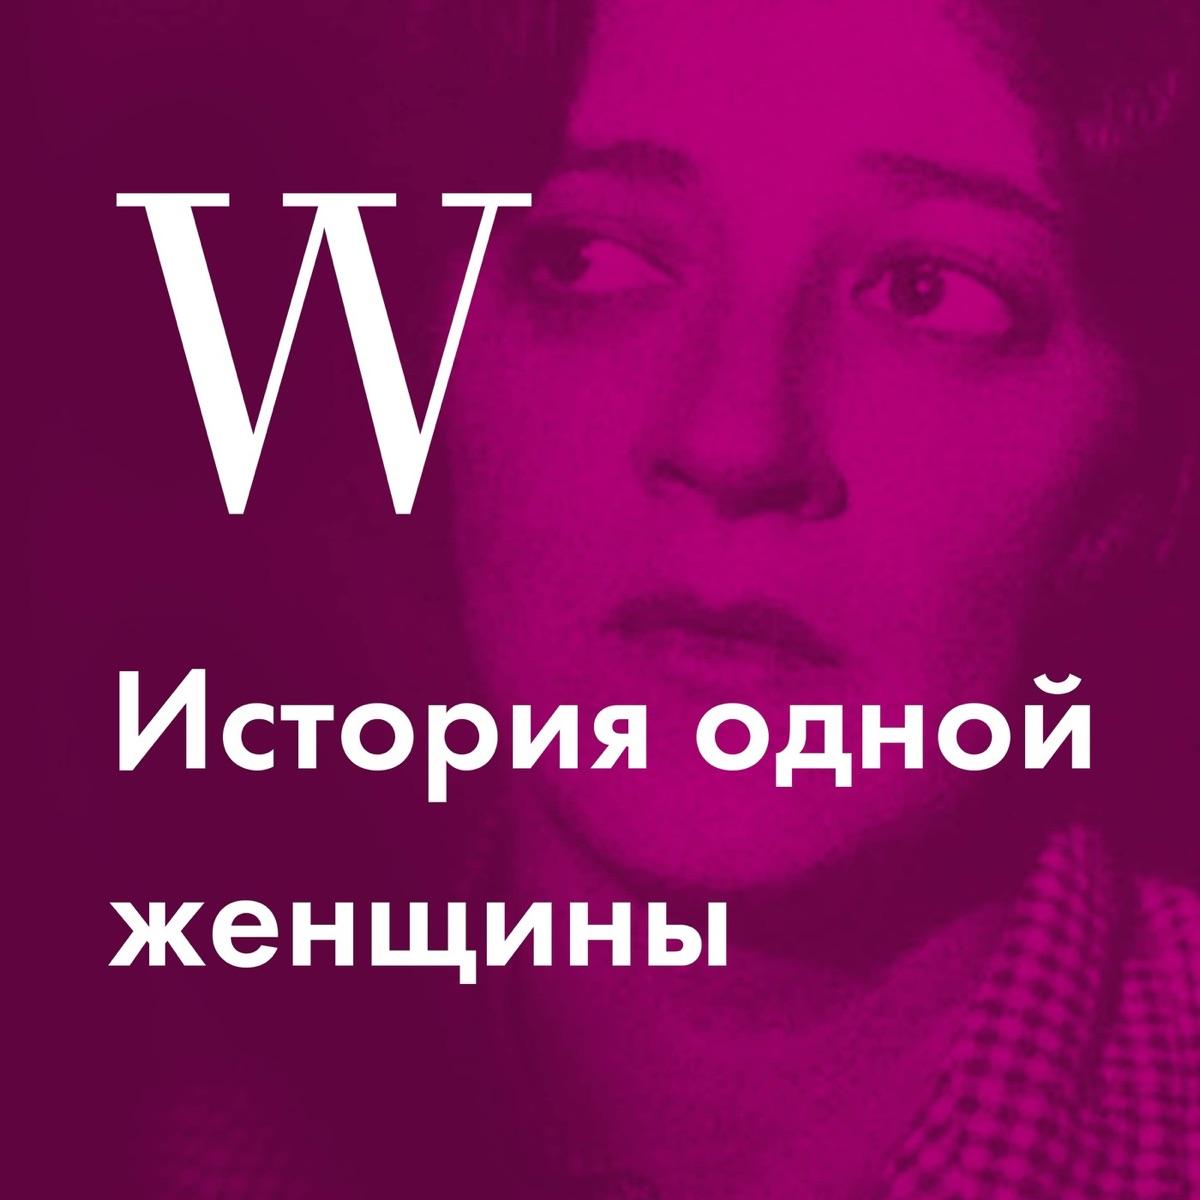 История одной женщины